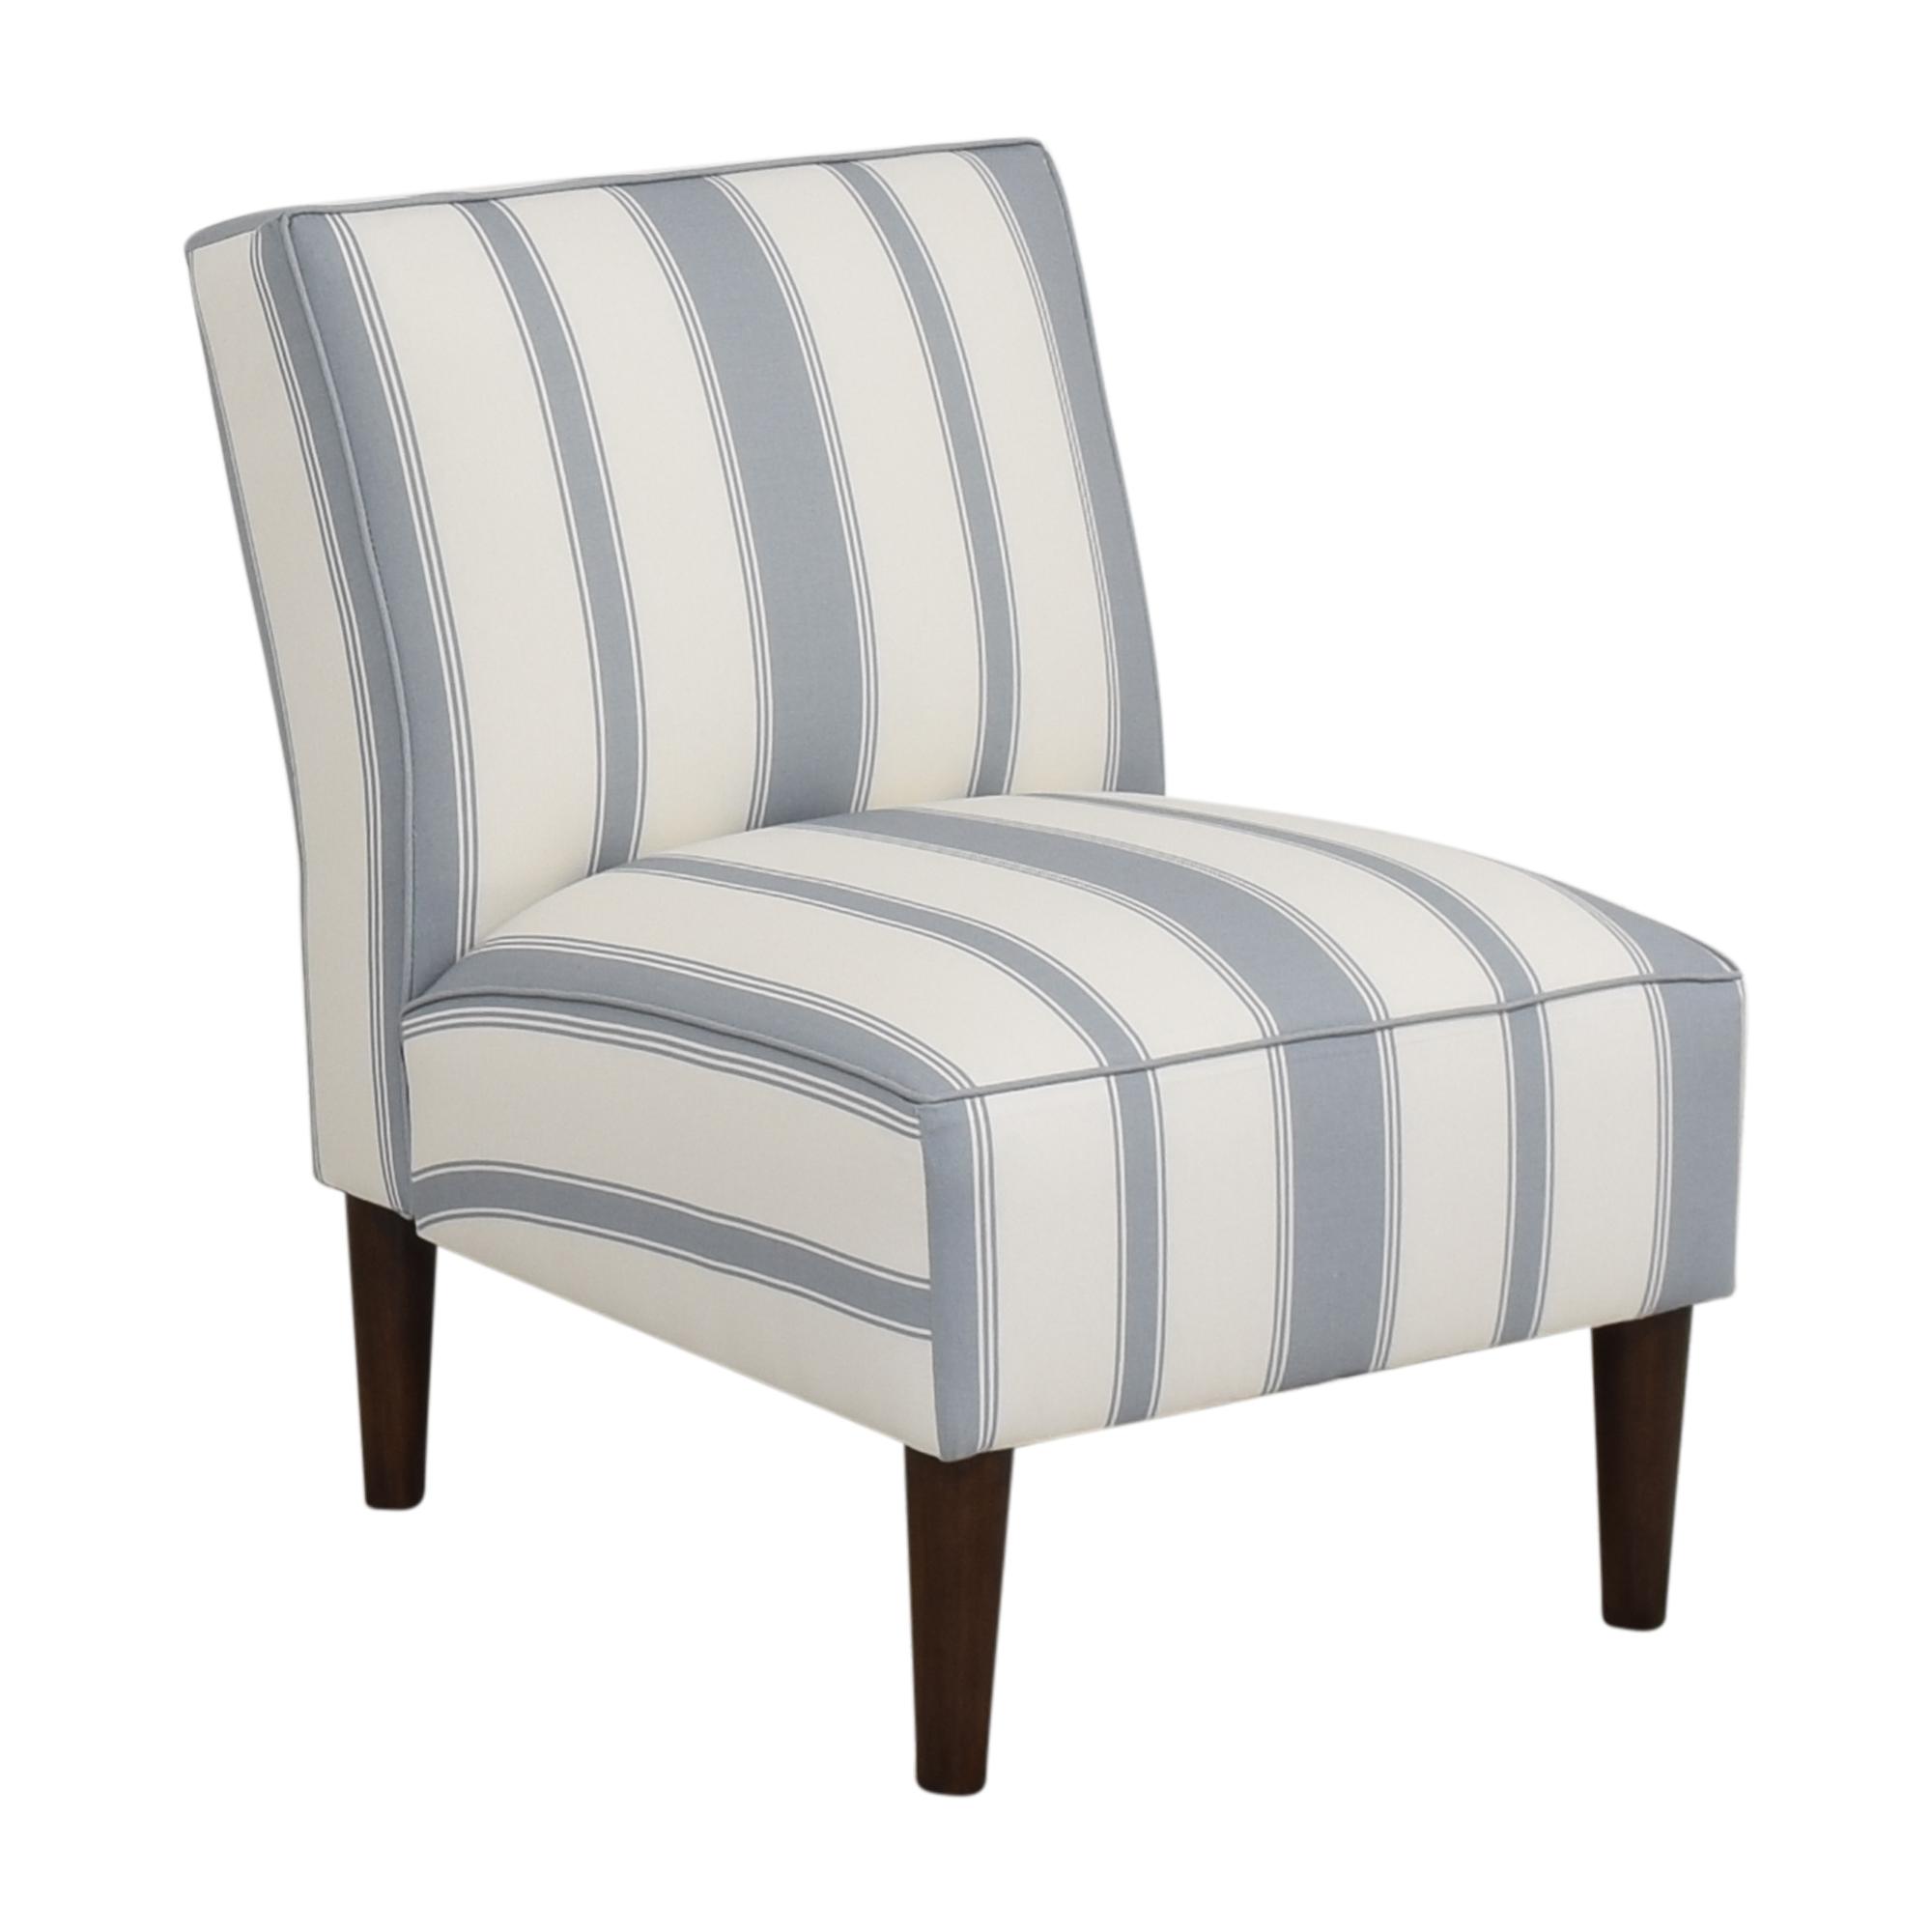 The Inside Slipper Chair The Inside